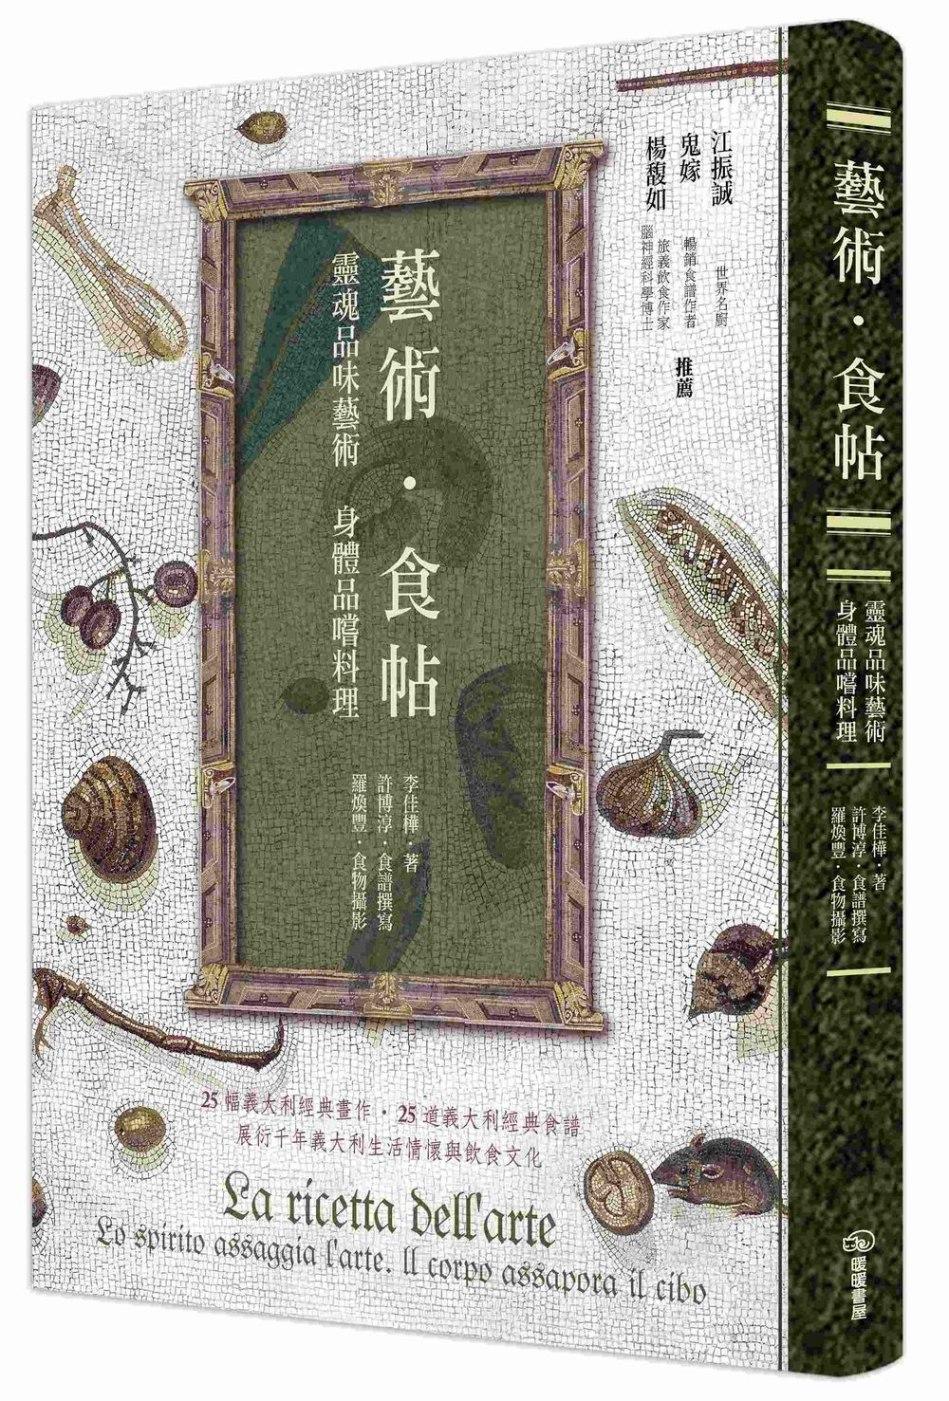 《藝術‧食帖:靈魂品味藝術 身體品嚐料理》 商品條碼,ISBN:9789869613606